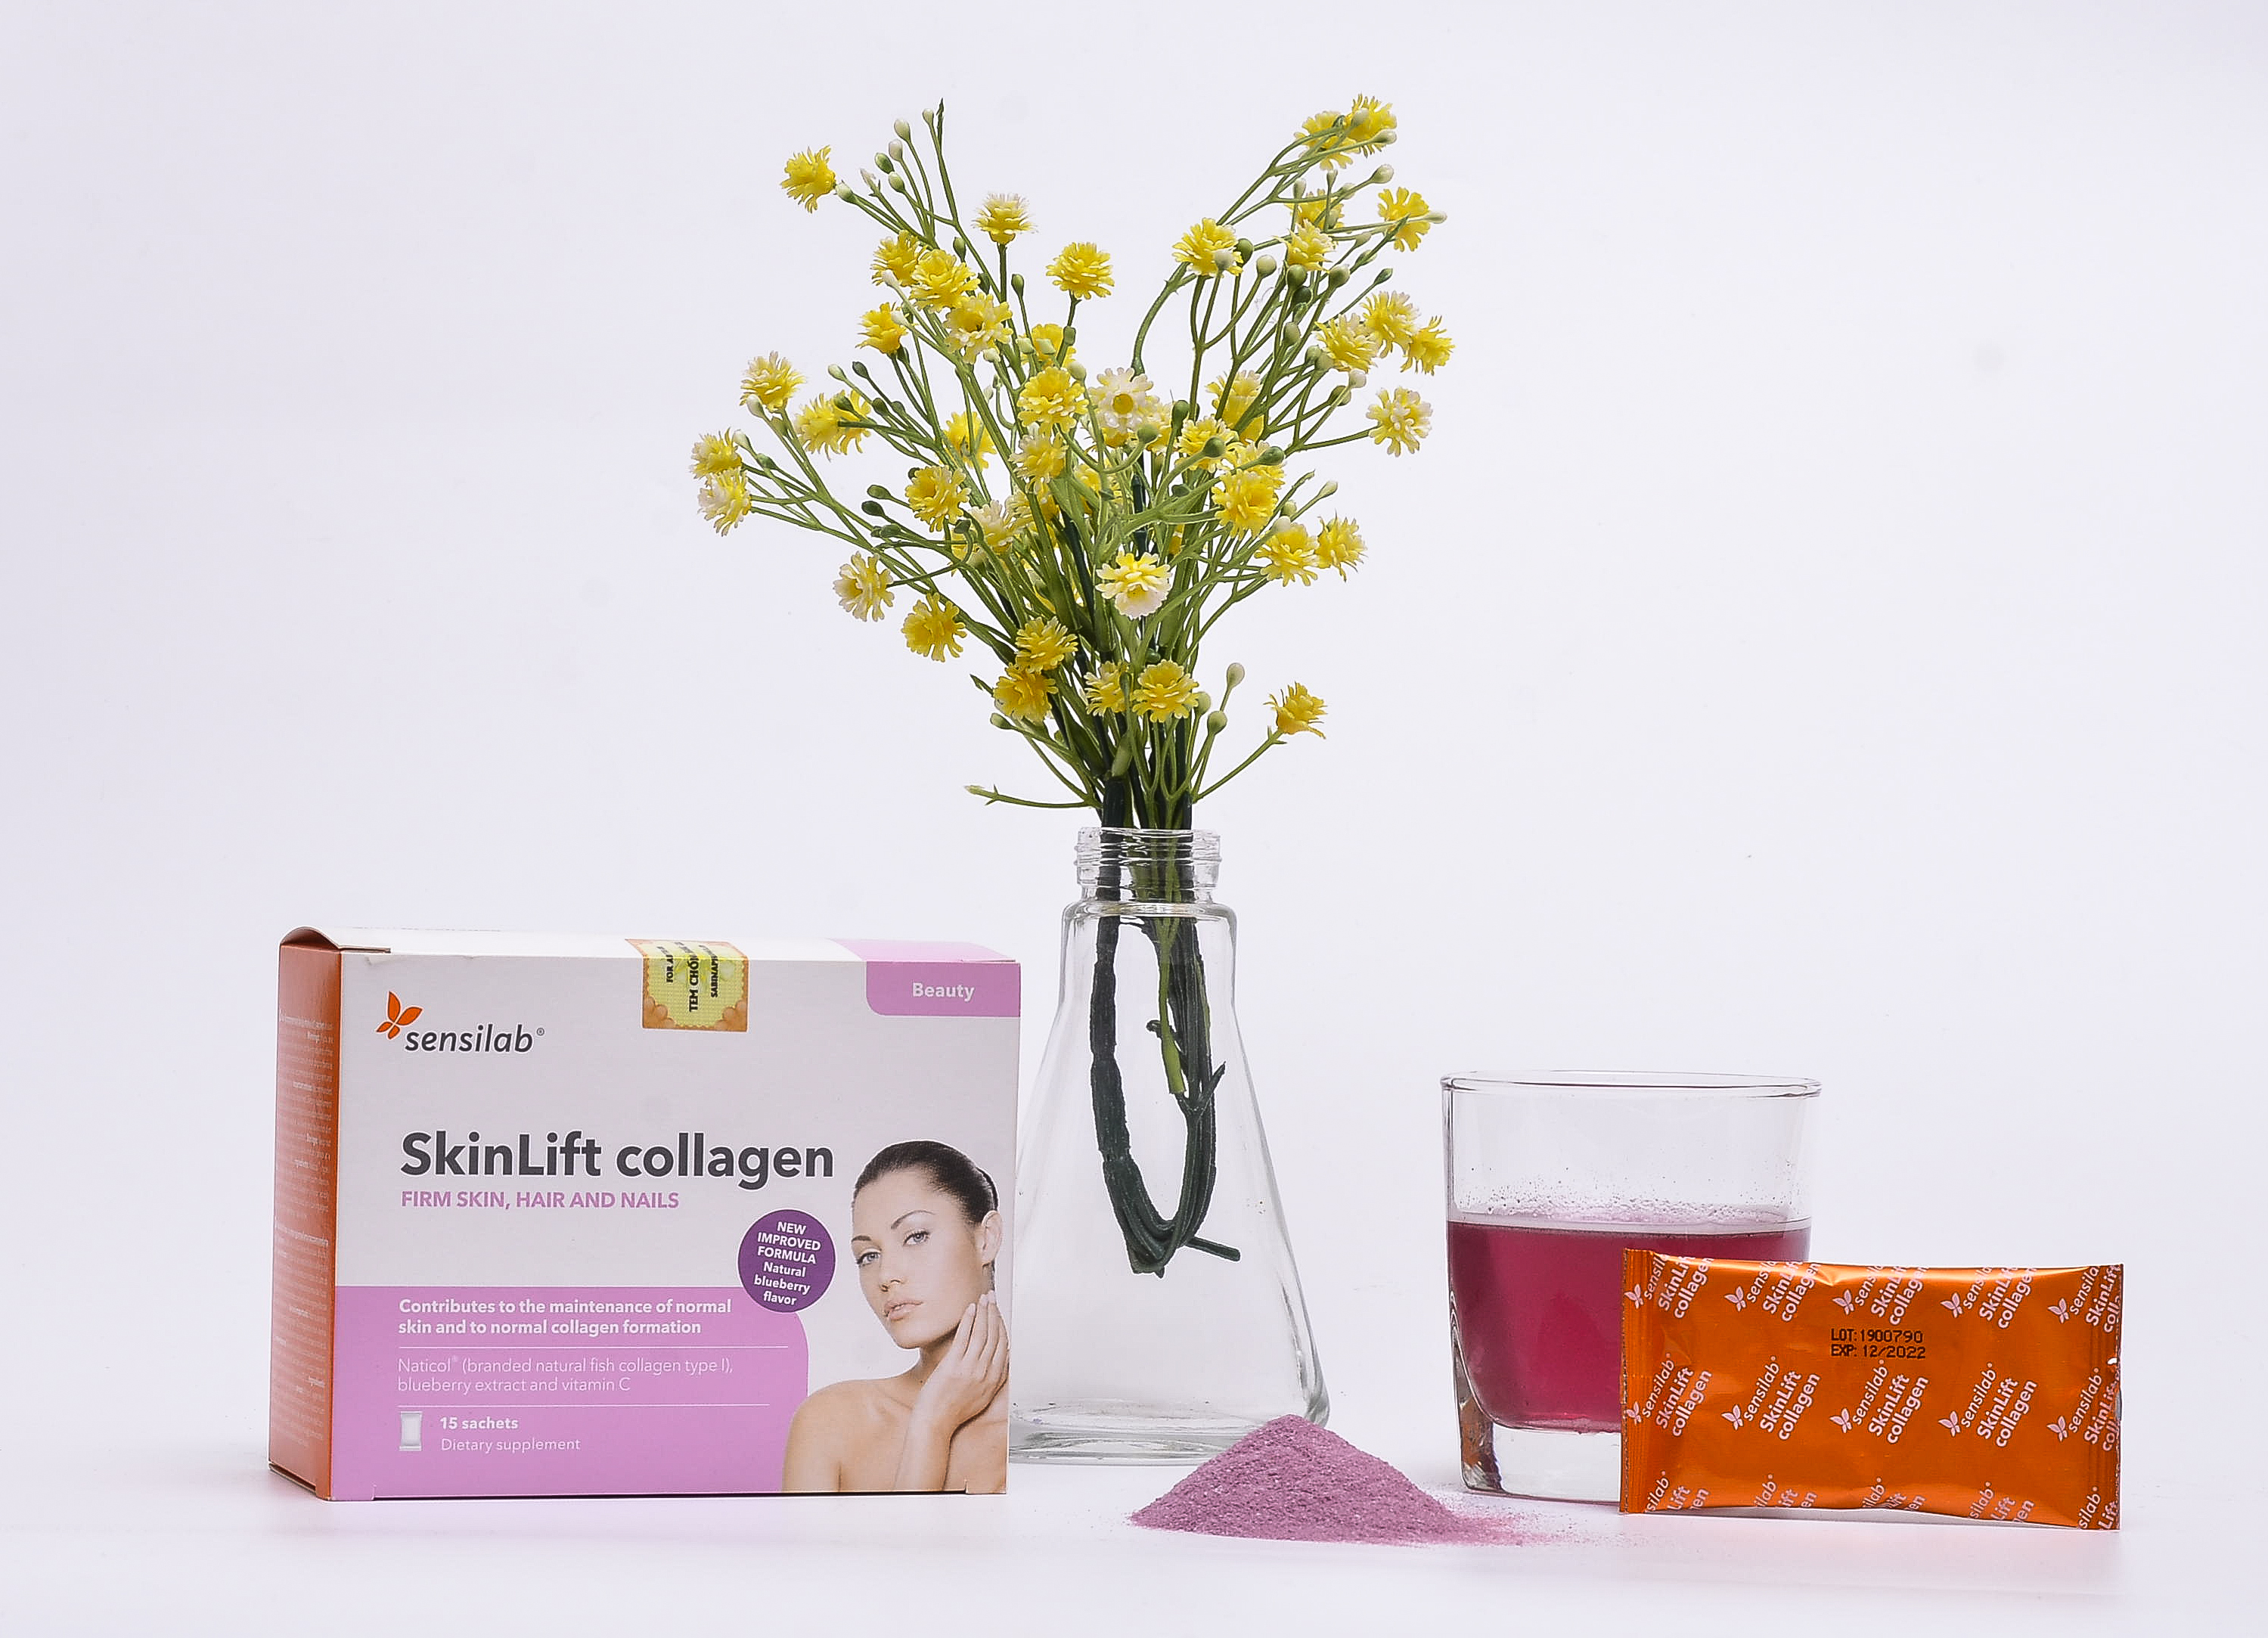 Các loại nước uống bổ sung collagen được yêu thích hiện nay